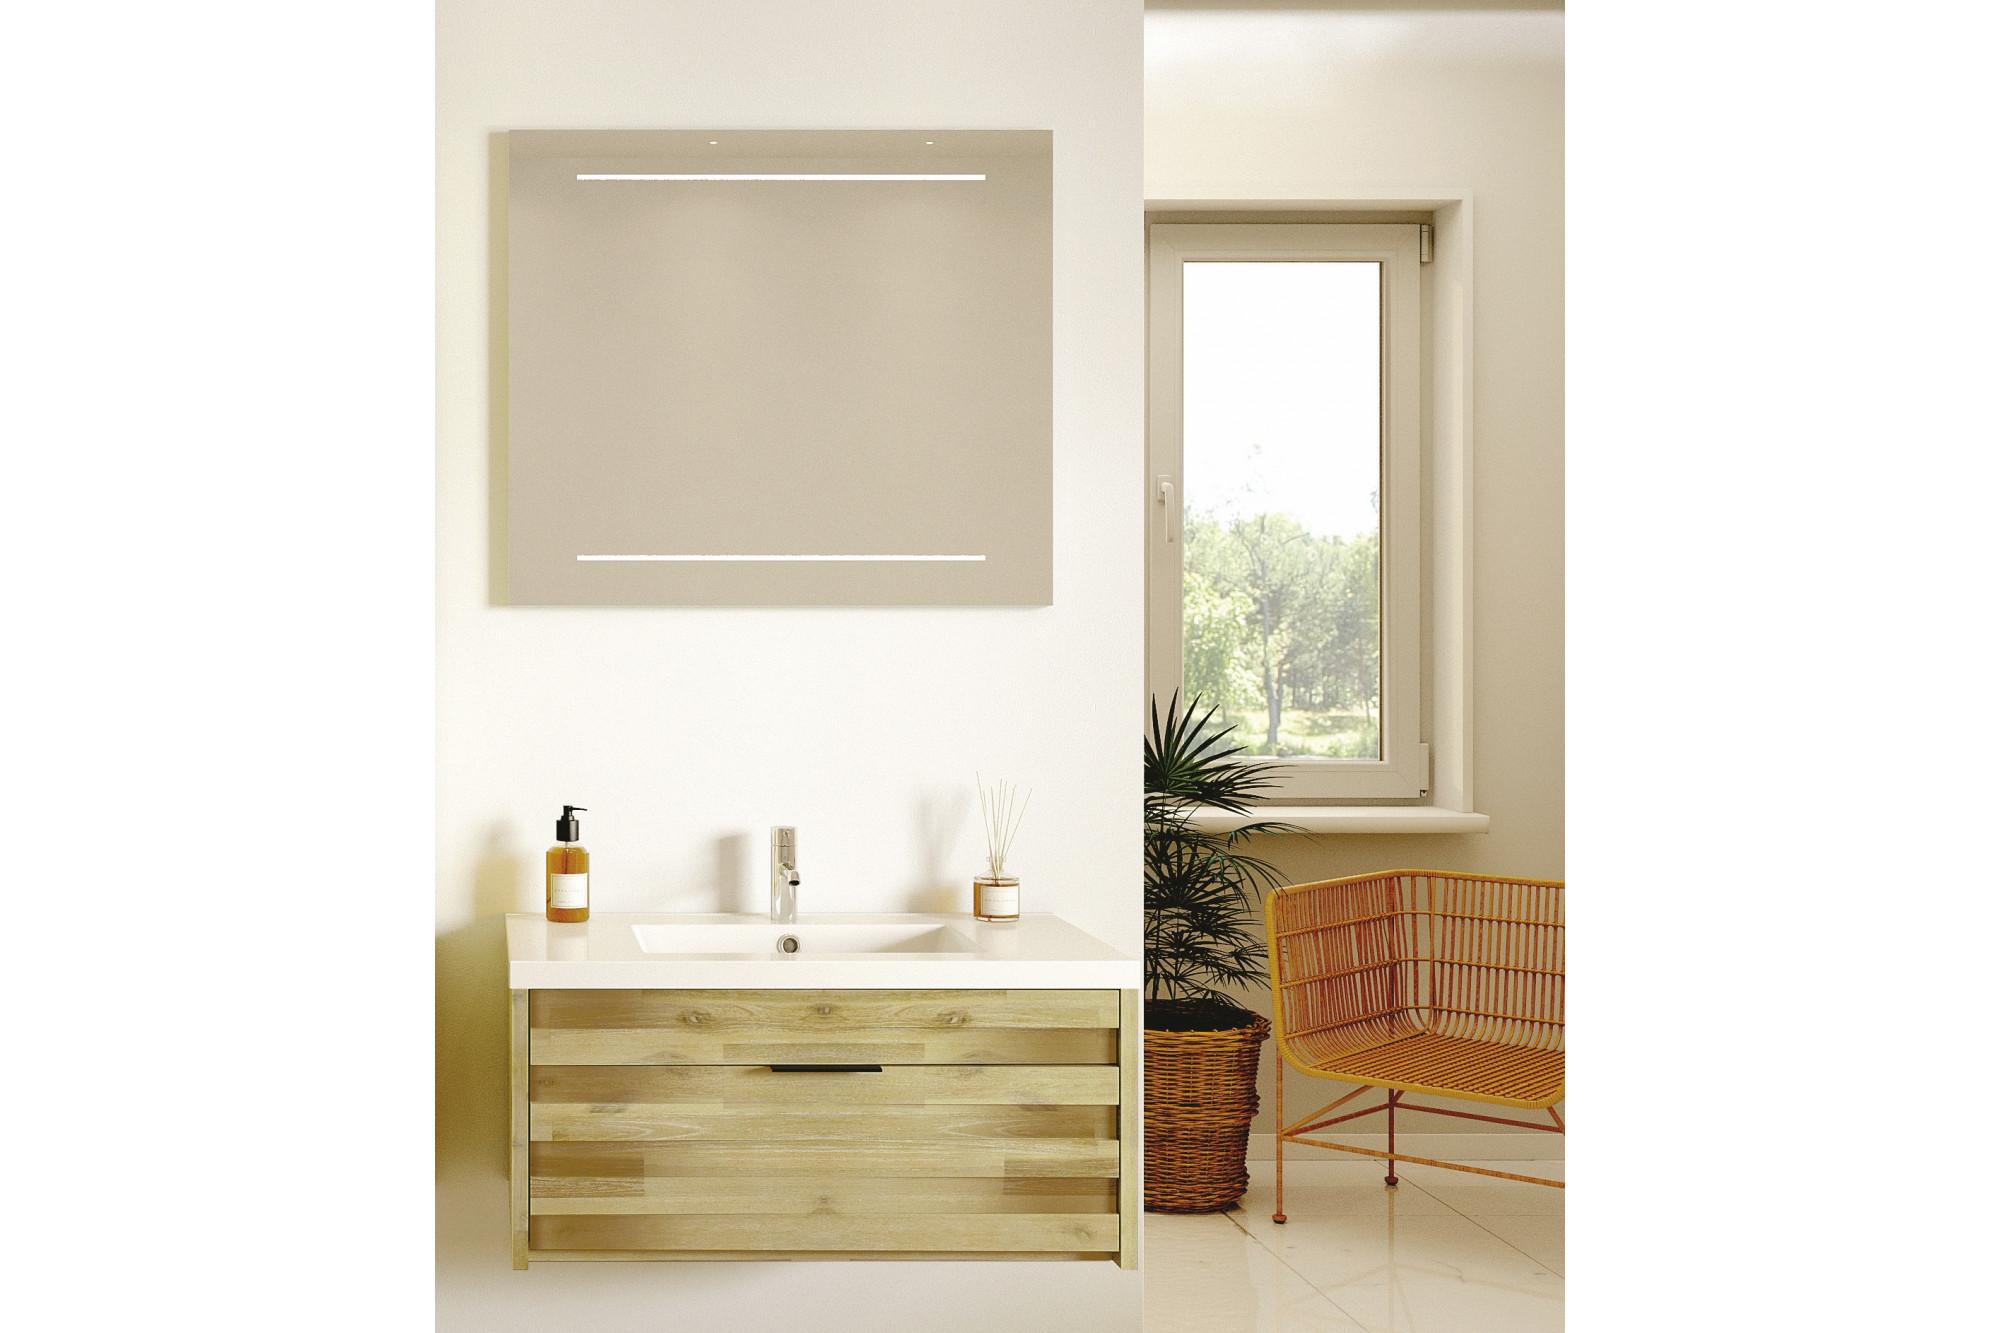 Salle De Bain Avec Bois meuble de salle de bain avec simple vasque et miroir led - hellin